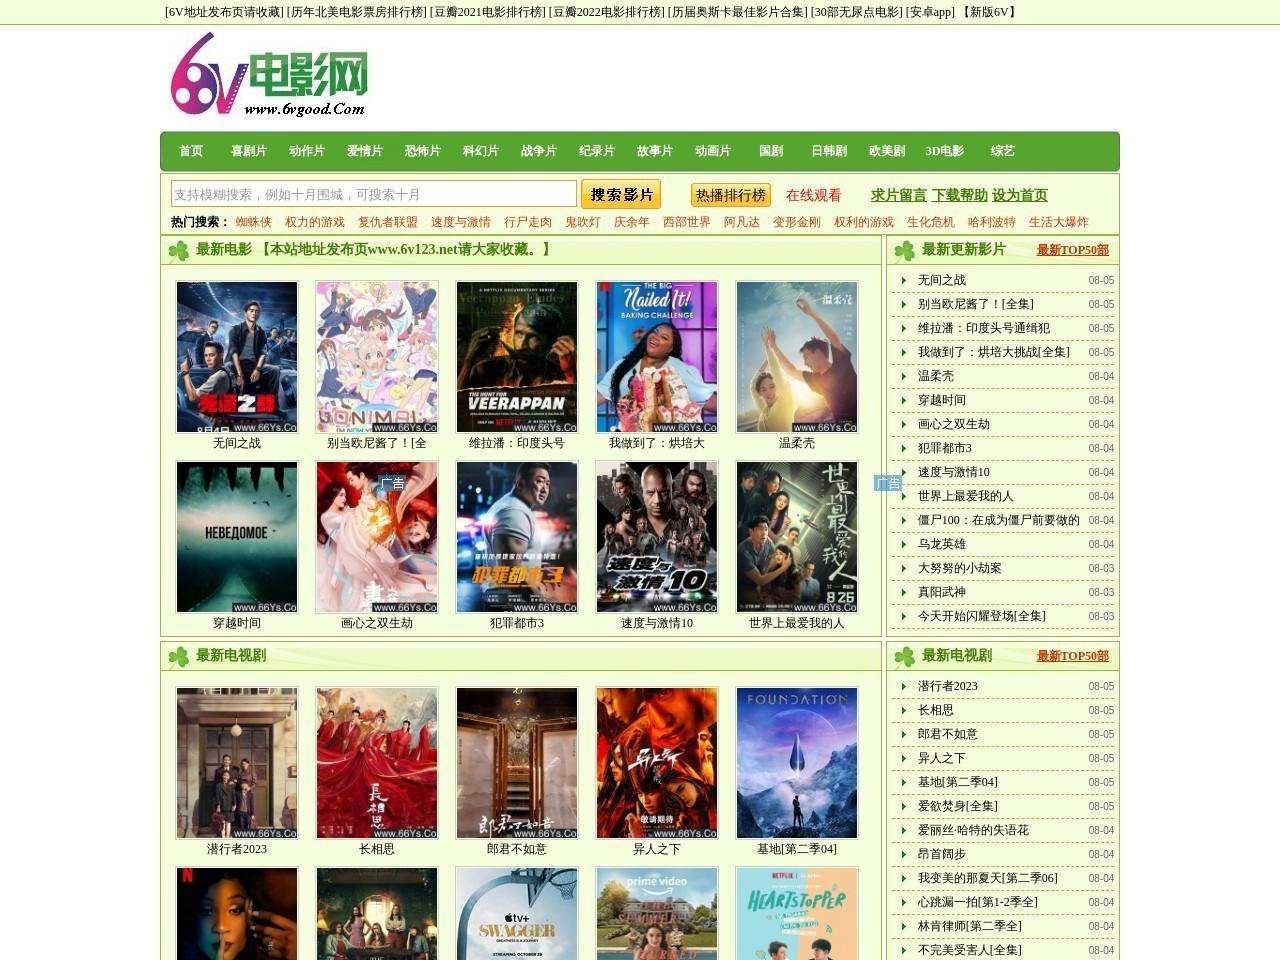 6v電影(ying)網(wang)